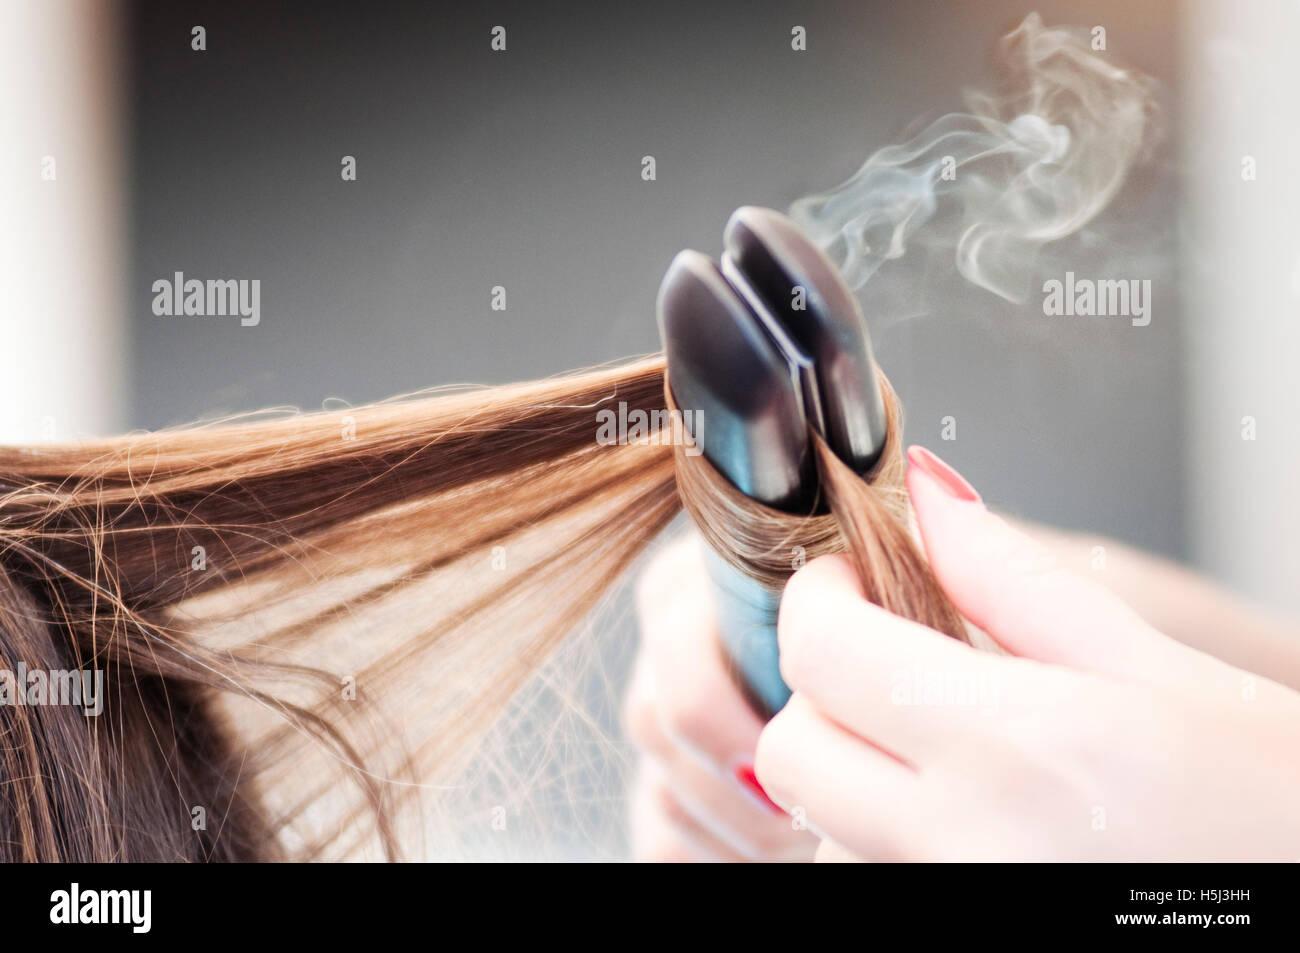 Coiffure L'application d'un fer à repasser tout droit sur une femme Coiffure Photo Stock